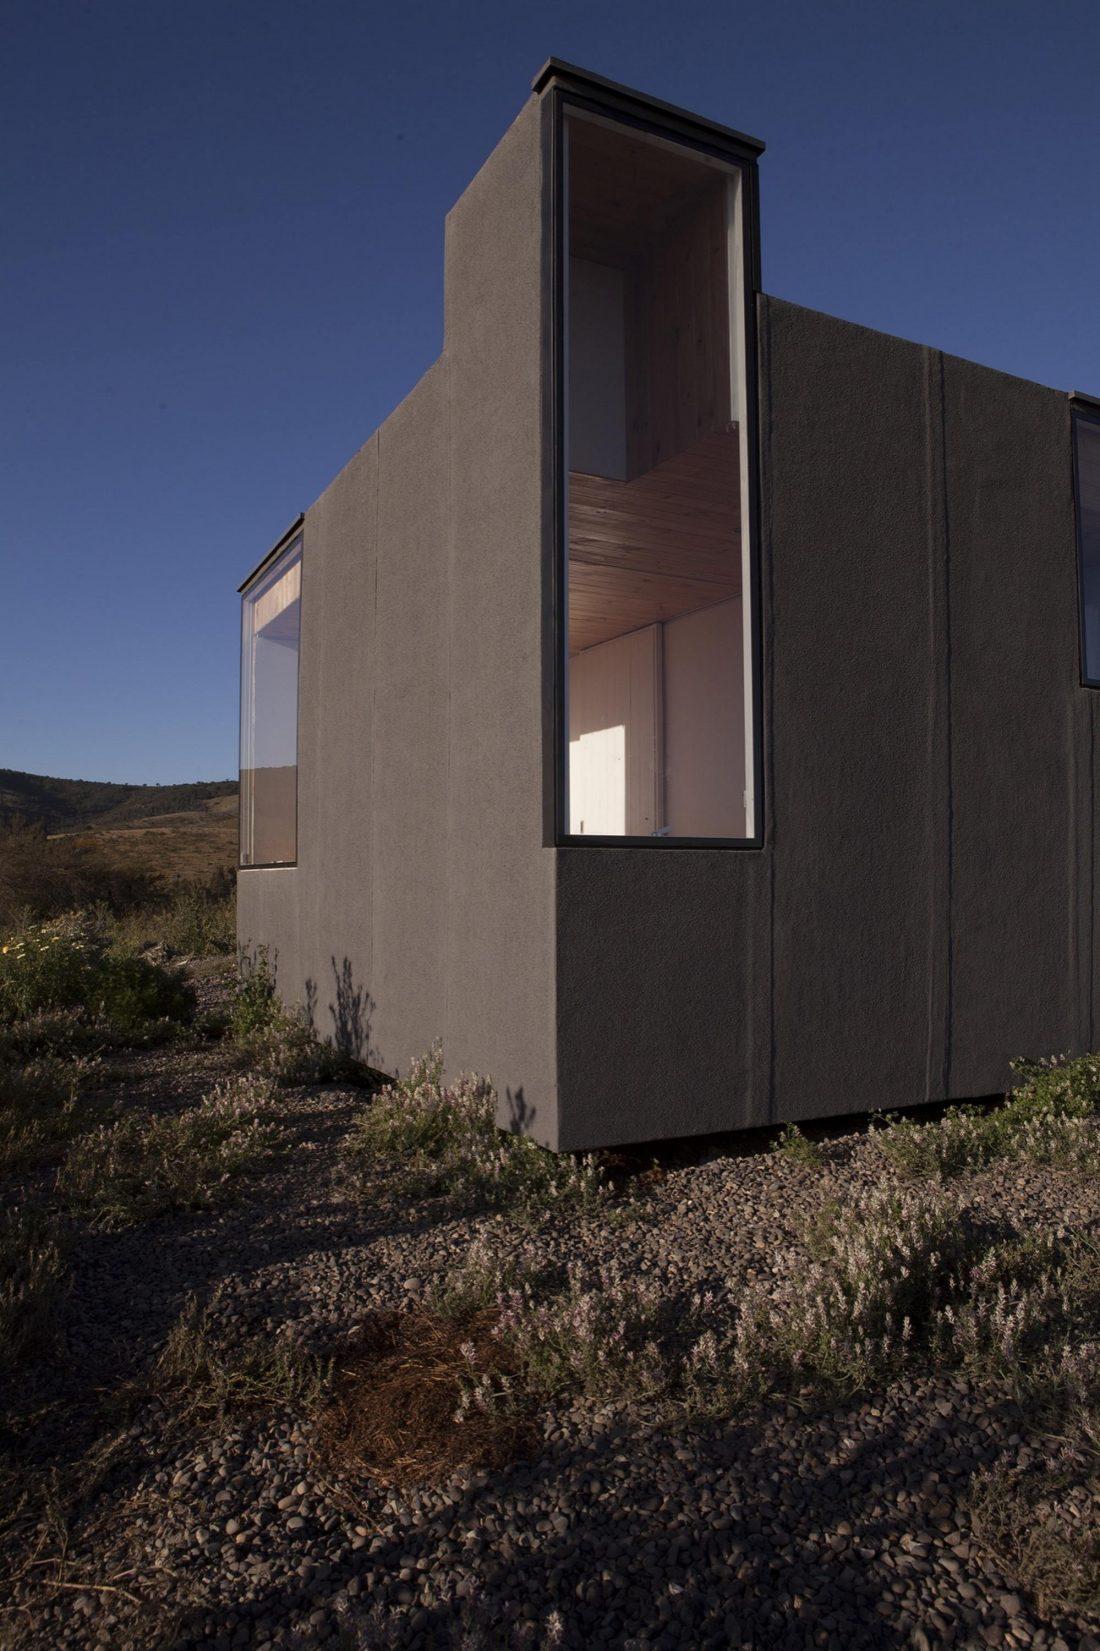 Дом в Чили от архитекторов Alfredo Gonzalez Briceno и Ignacio Rojas Hirigoyen 10